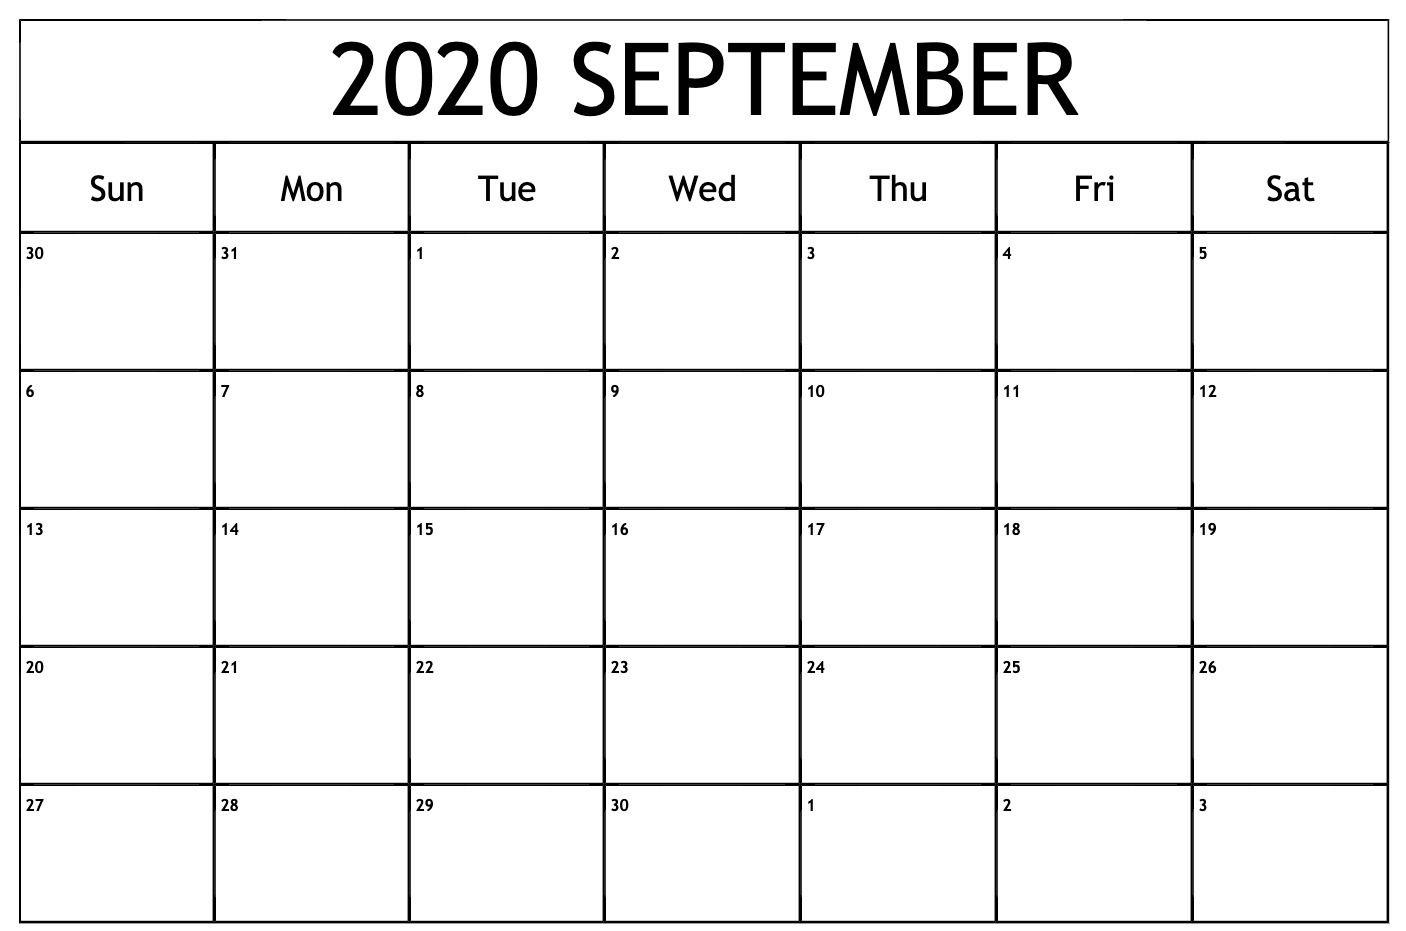 September 2020 Calendar Printable Template In Pdf Word Excel